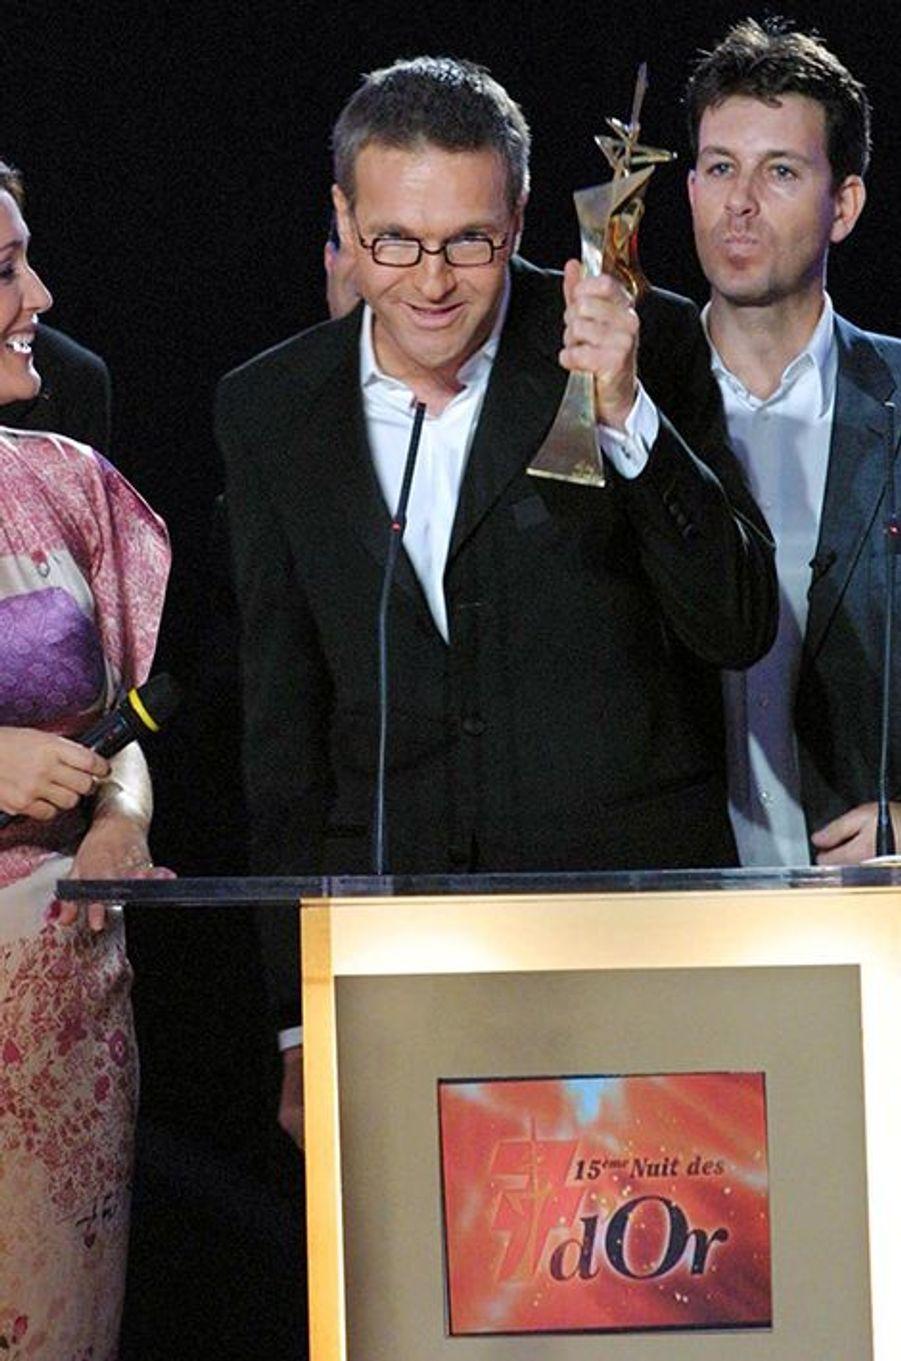 """Avec le 7 d'Or de la meilleure Èmission d'humour pour """"On a tout essayé"""" en 2001"""